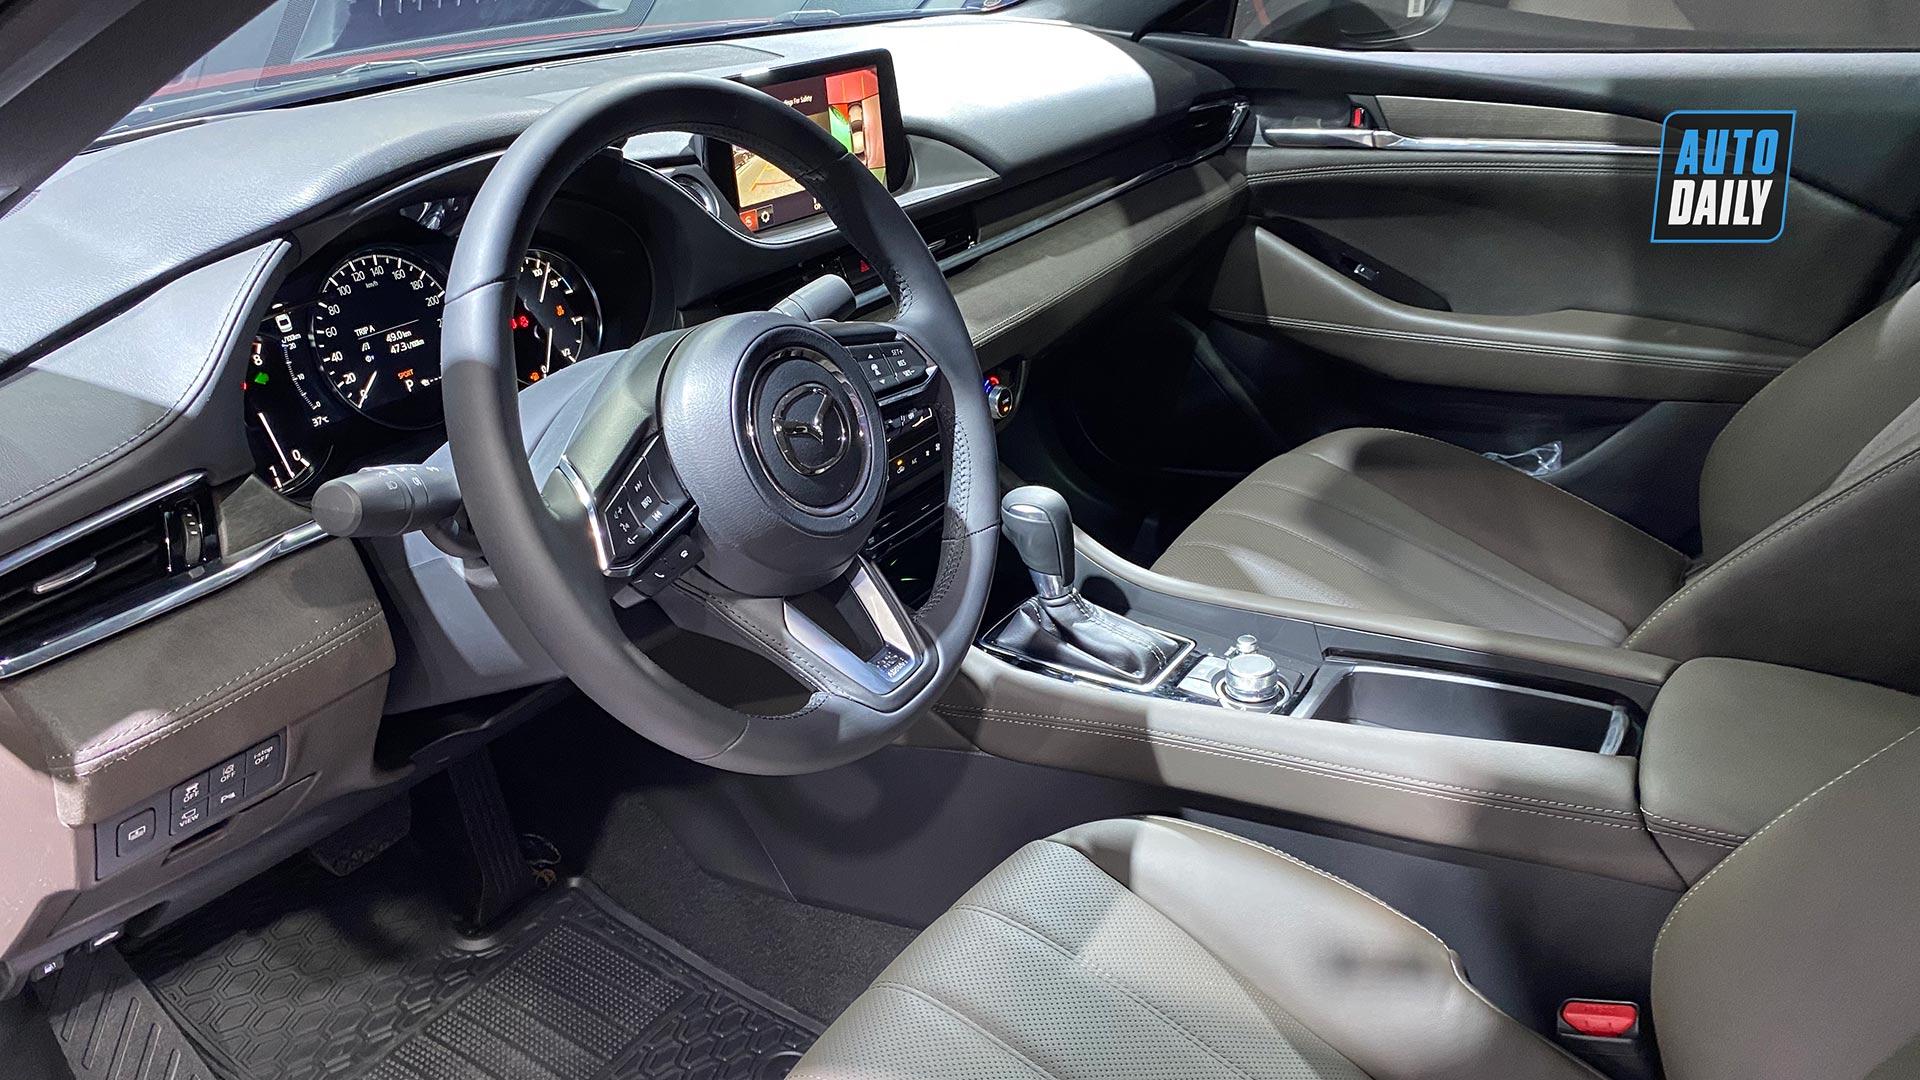 mazda6-2020-autodaily-07.jpg